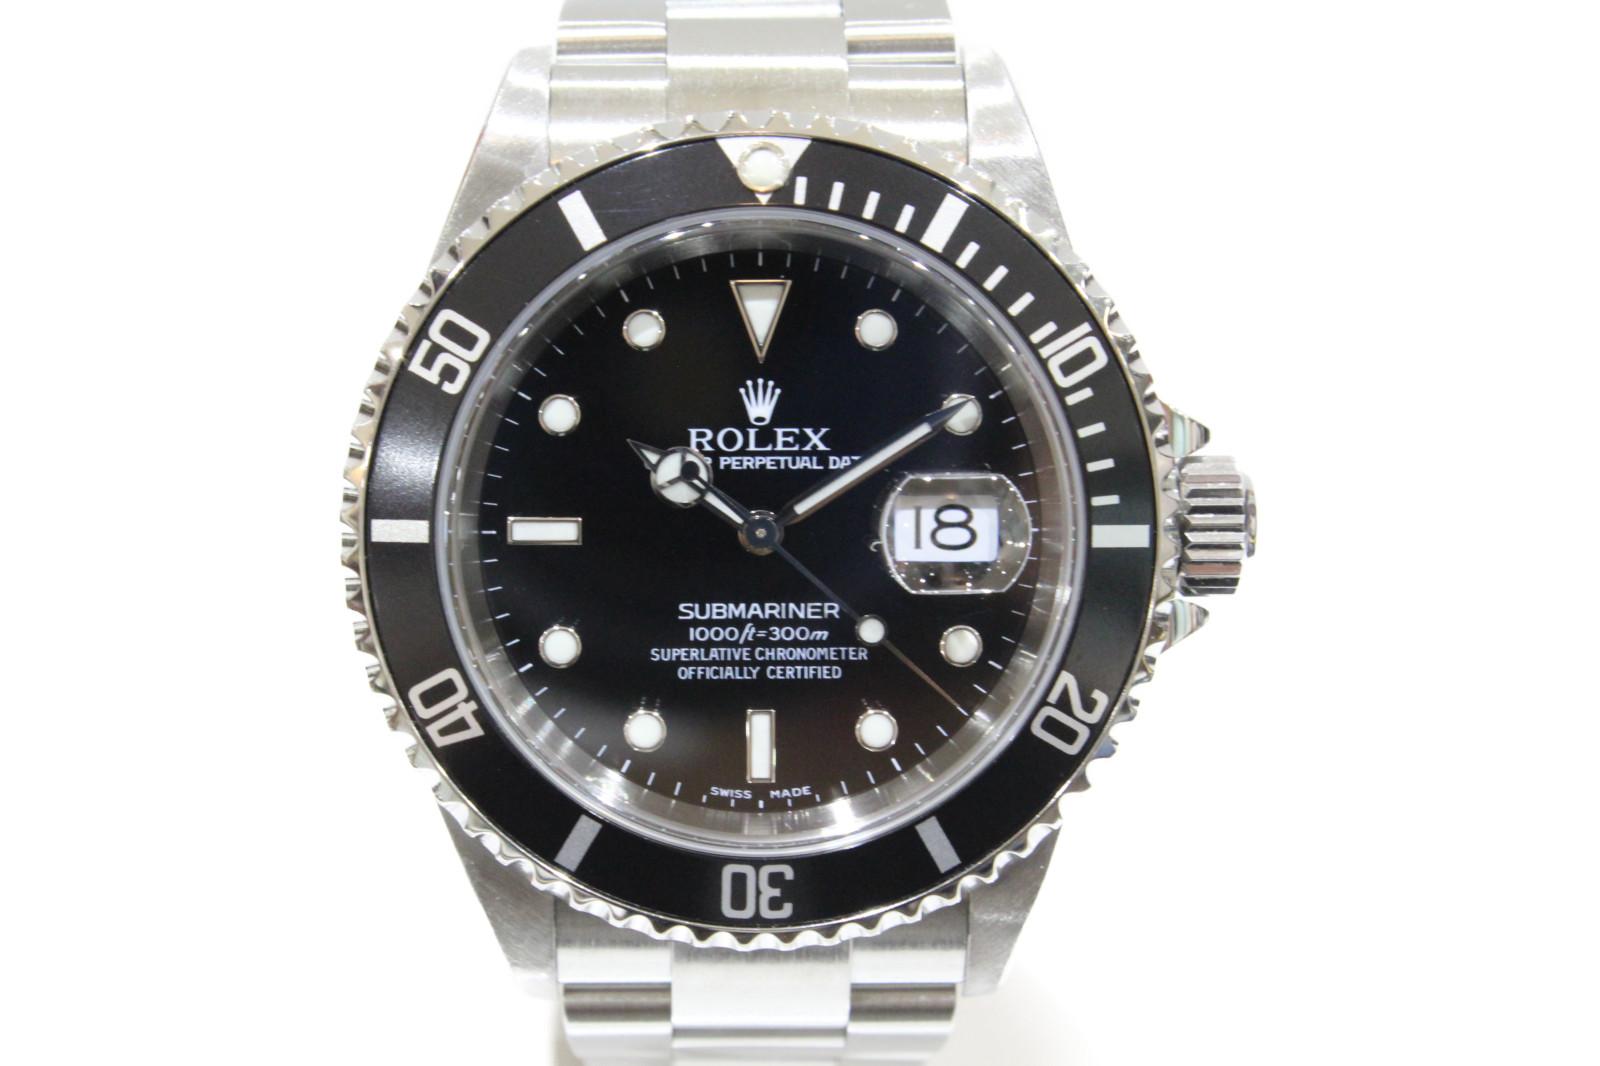 【ギャラ有】ROLEX ロレックス サブマリーナーデイト 16610 P番 自動巻き デイト SS ステンレススチール ブラック メンズ 腕時計【中古】